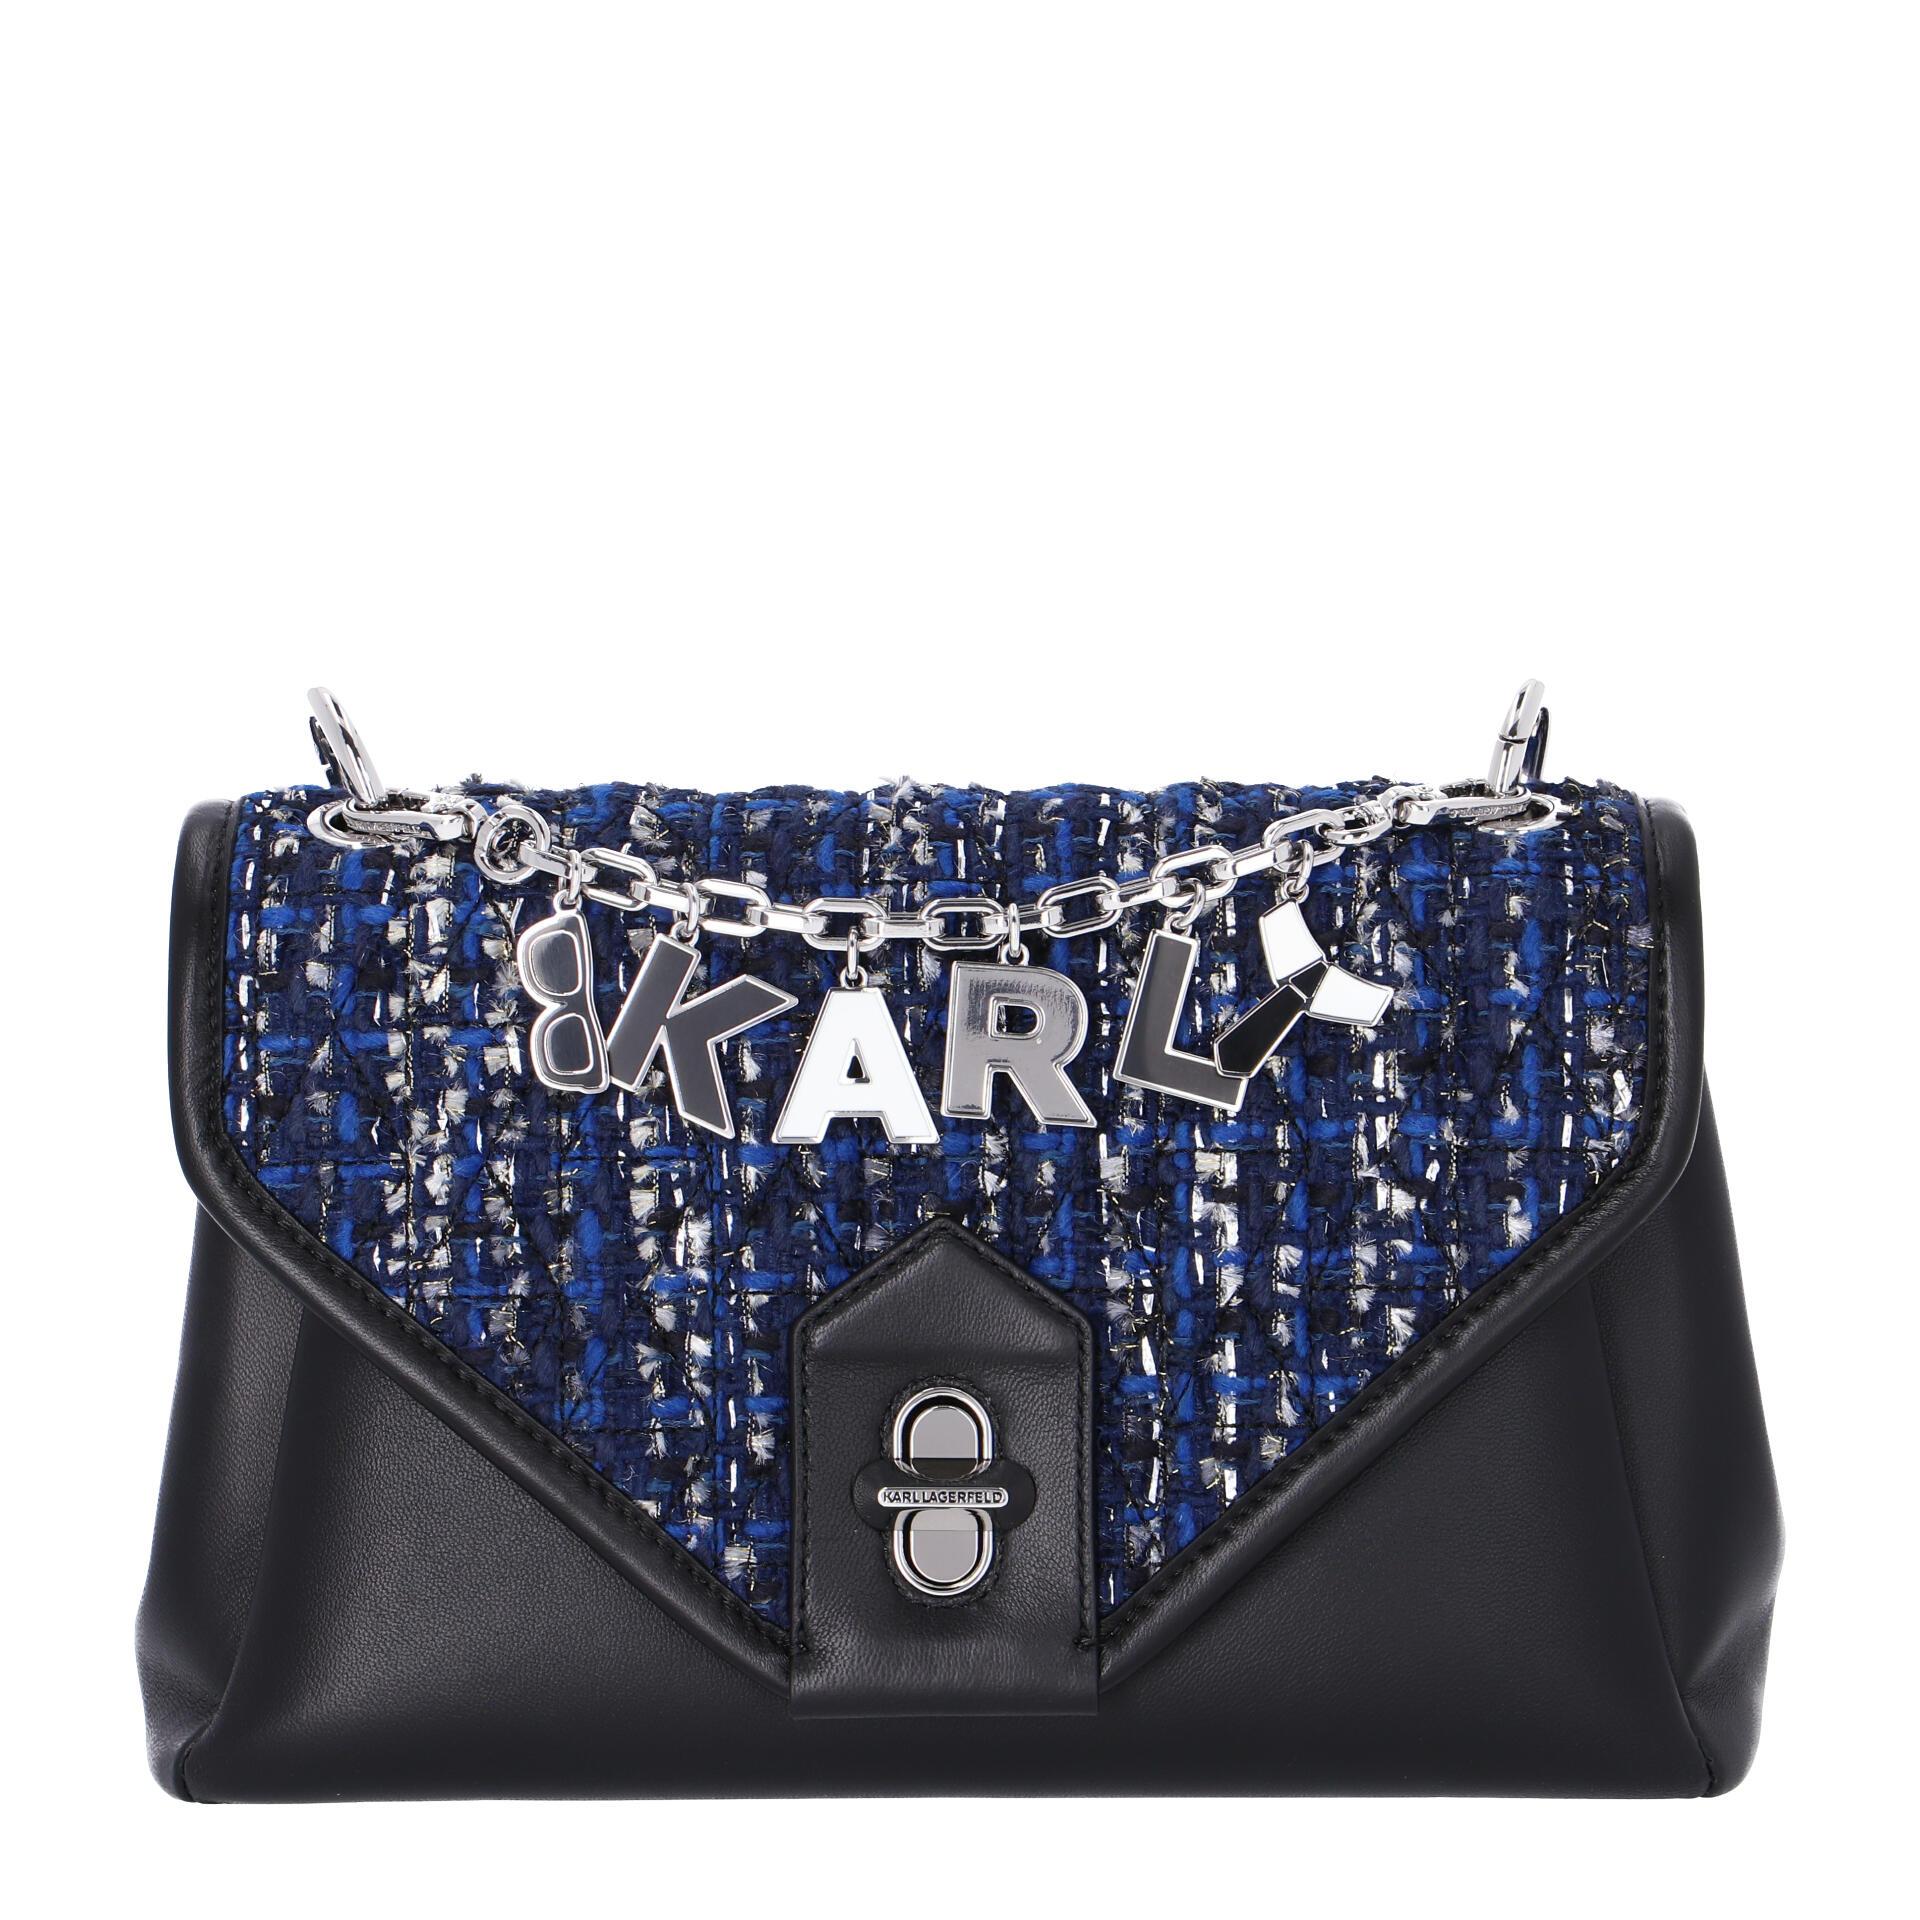 Karl Lagerfeld K/Studio Schultertasche aus Tweed blue